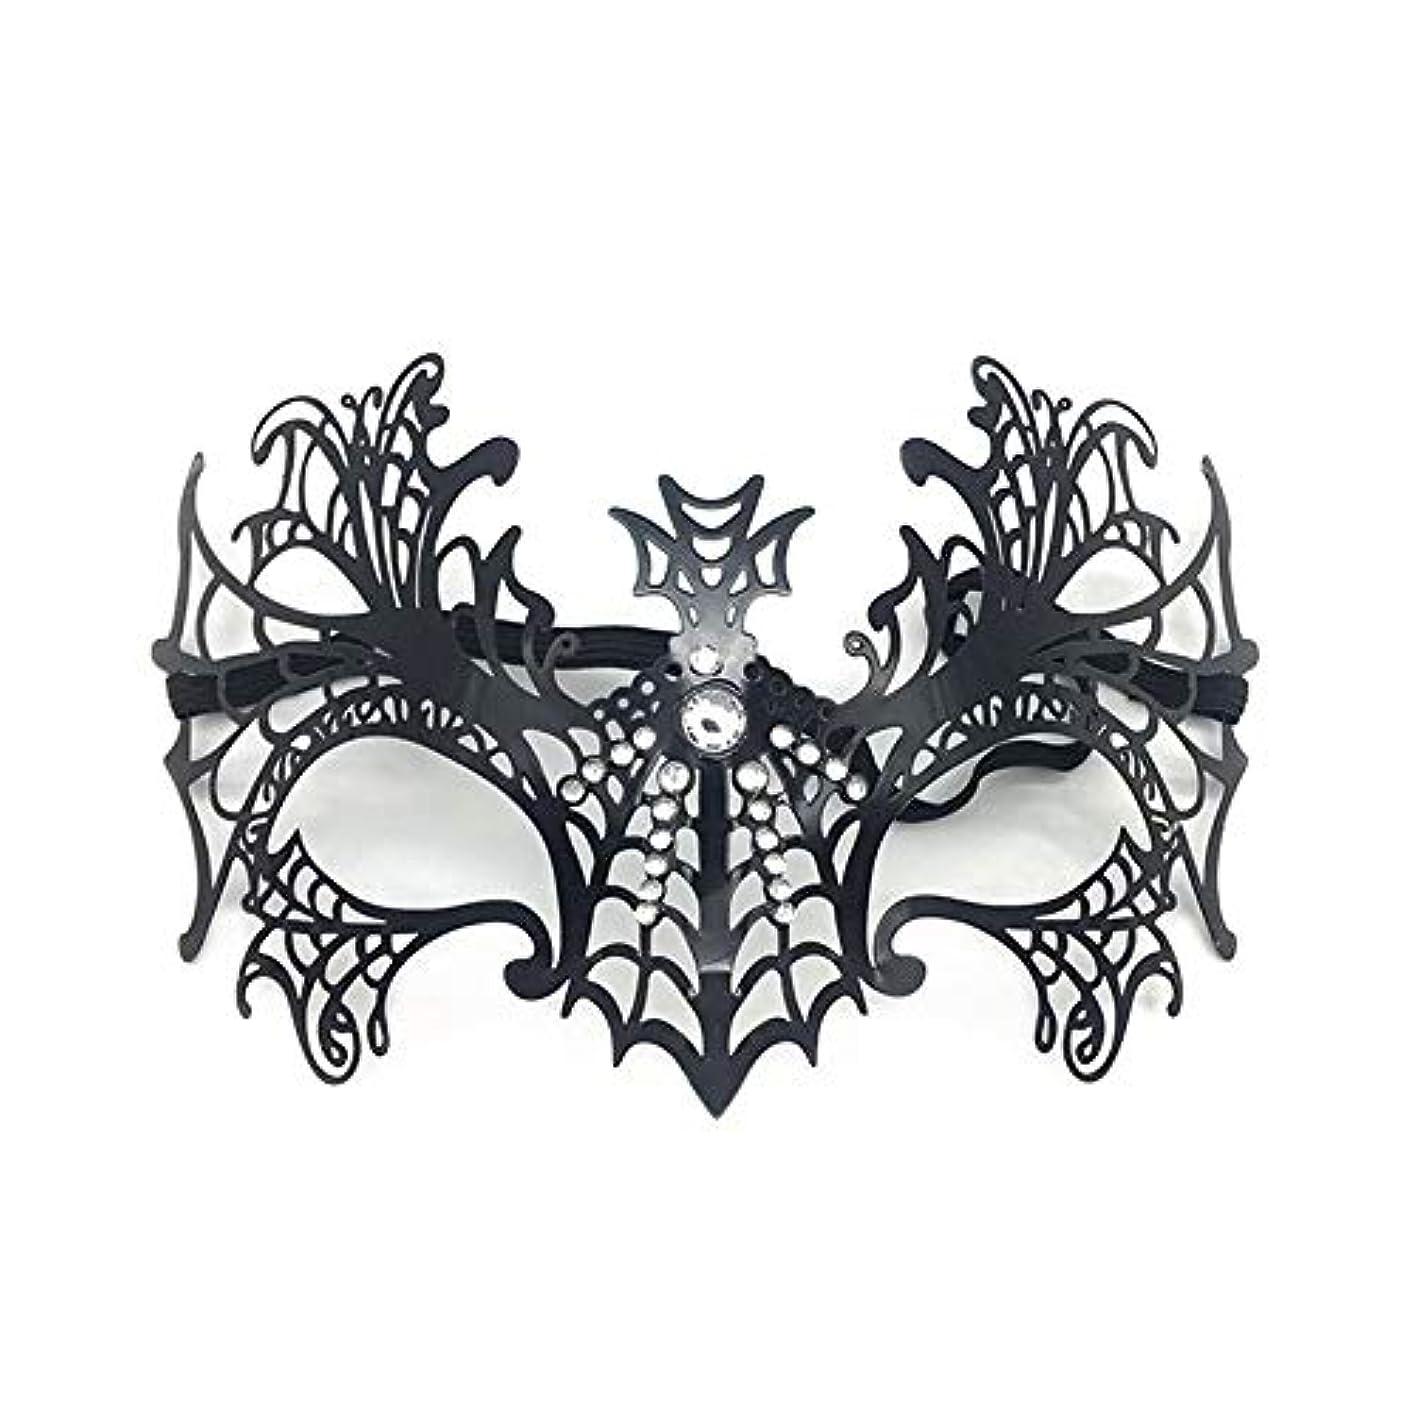 構成する禁じる優れましたダンスマスク バットパーティーセクシーカットアウトハーフフェイスメタルダイヤモンドダイヤモンド女性用仮面舞踏会マスク ホリデーパーティー用品 (色 : ブラック, サイズ : 19x10.5cm)